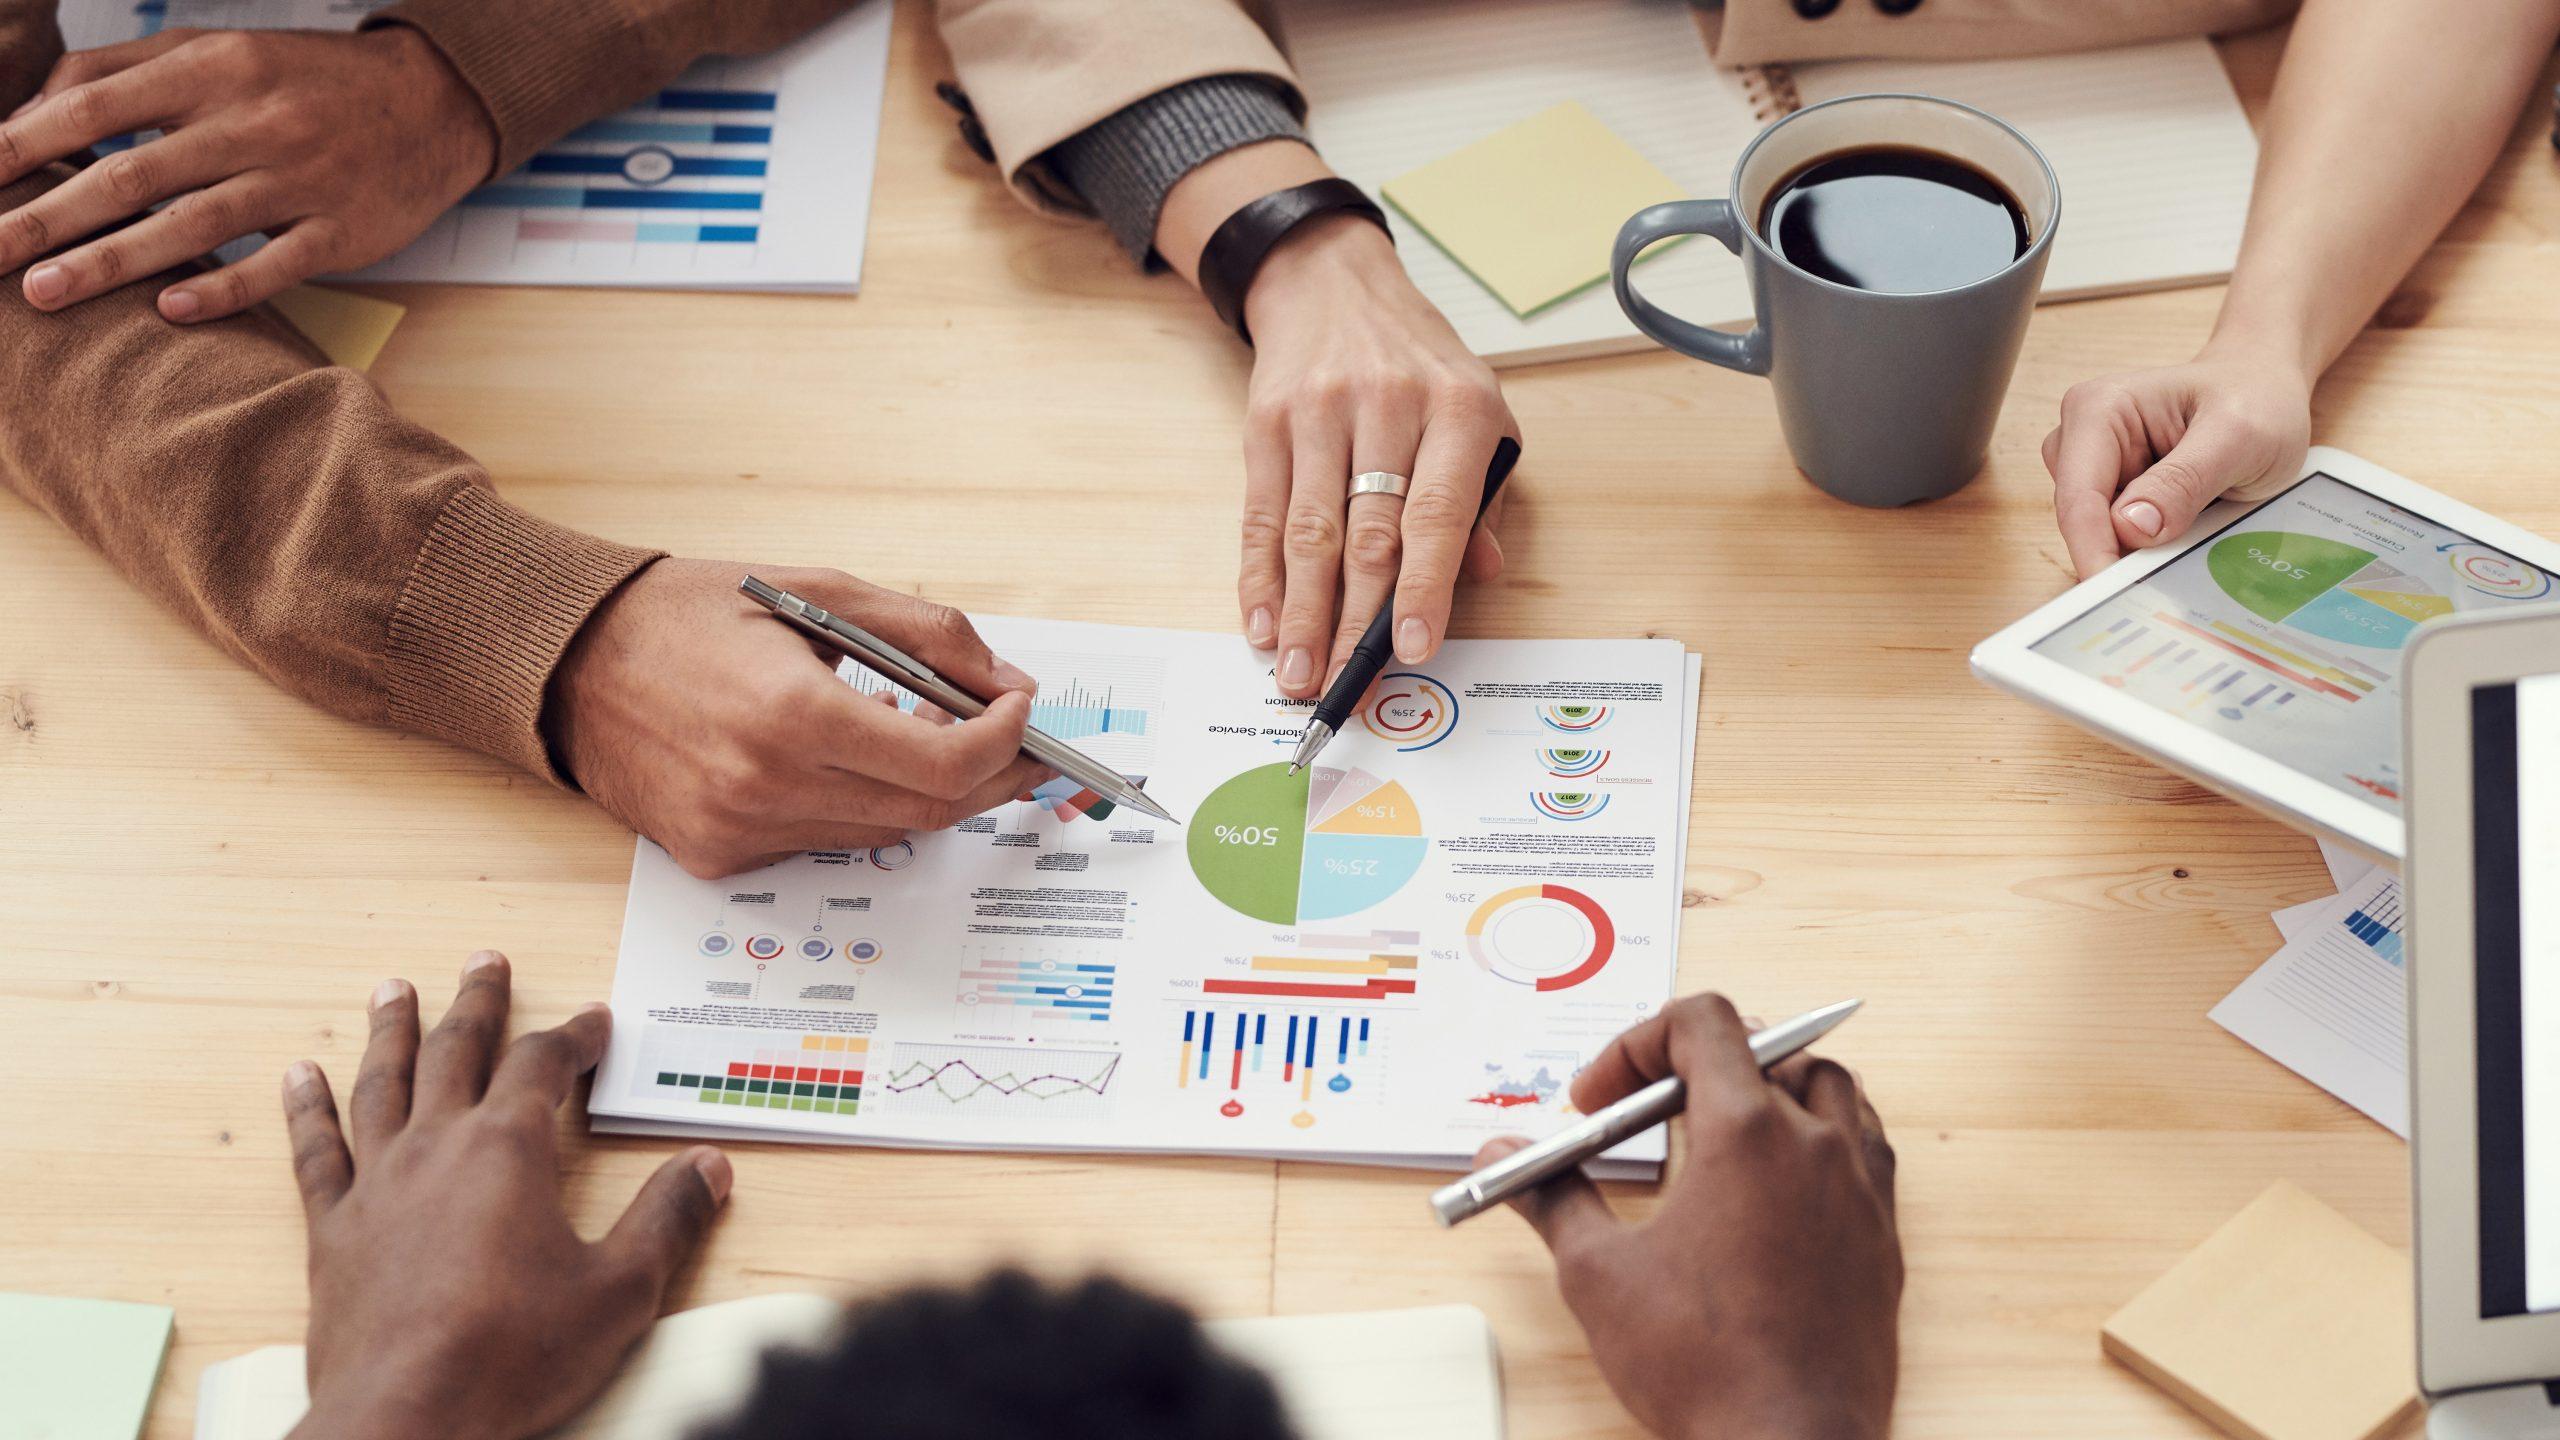 étude de données d'entreprise